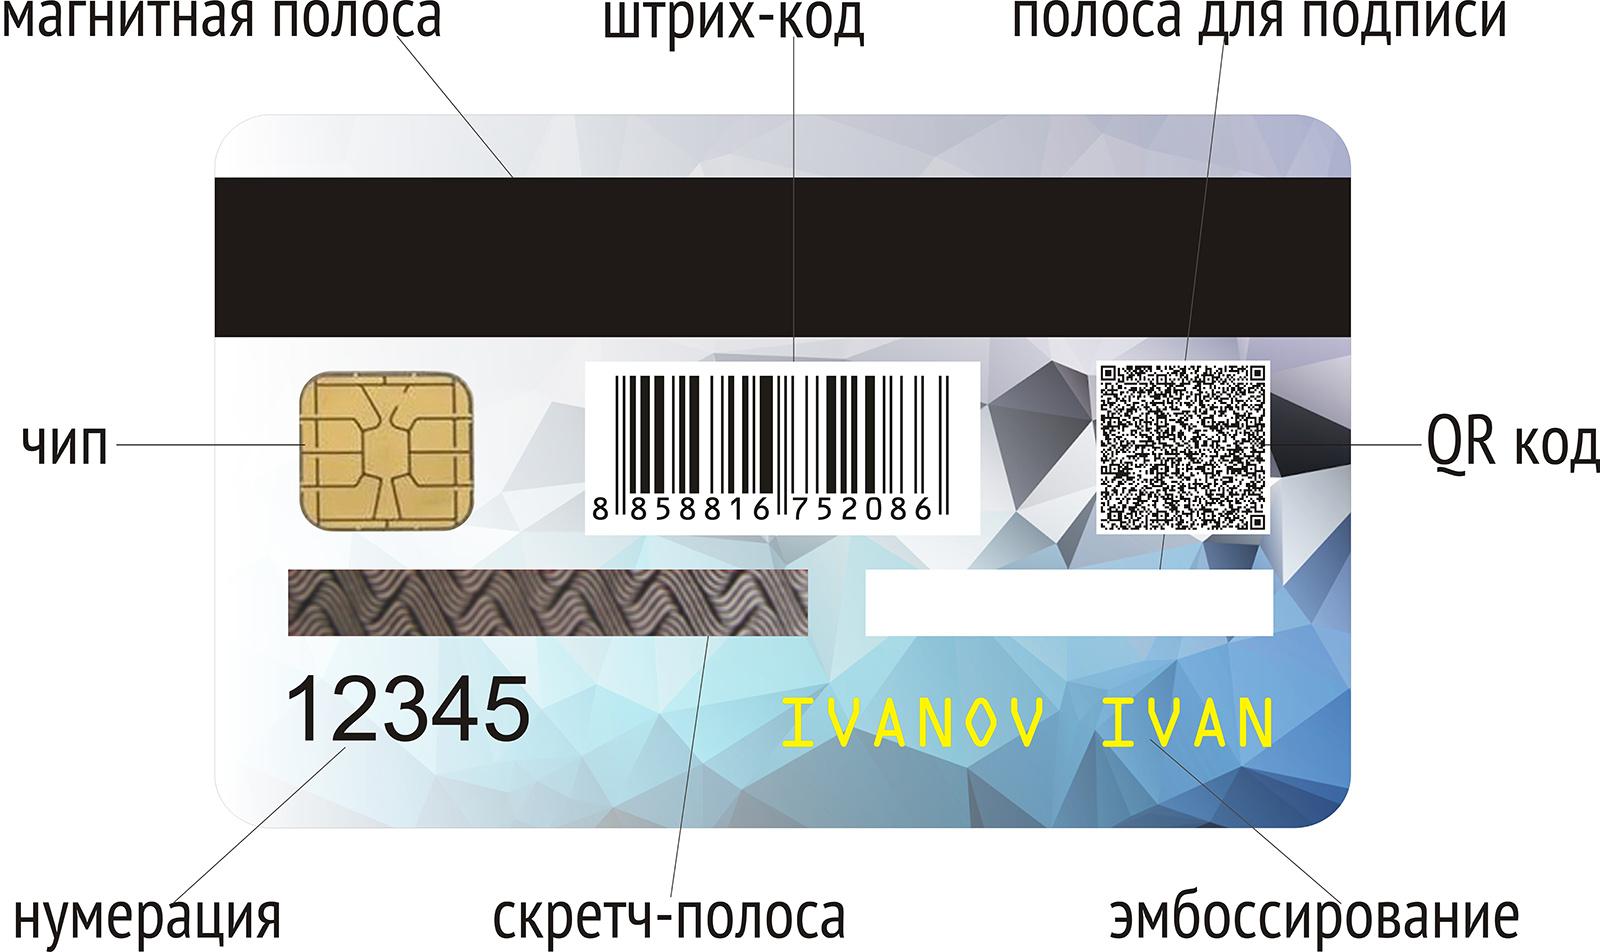 Чем держатель отличается от владельца пластиковой карты?